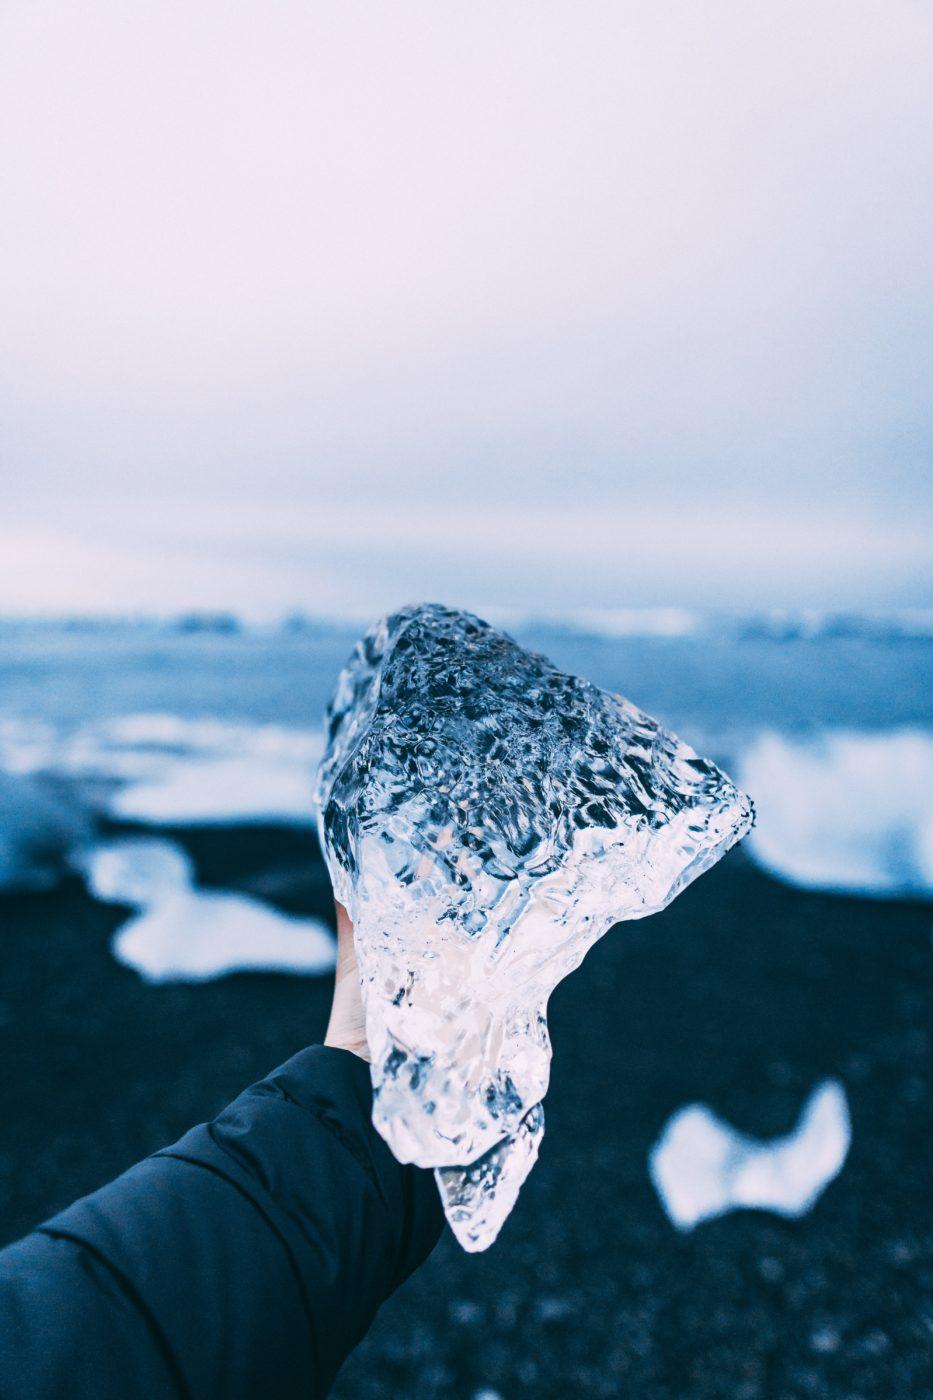 Gletscher Eis klar durchsichtig